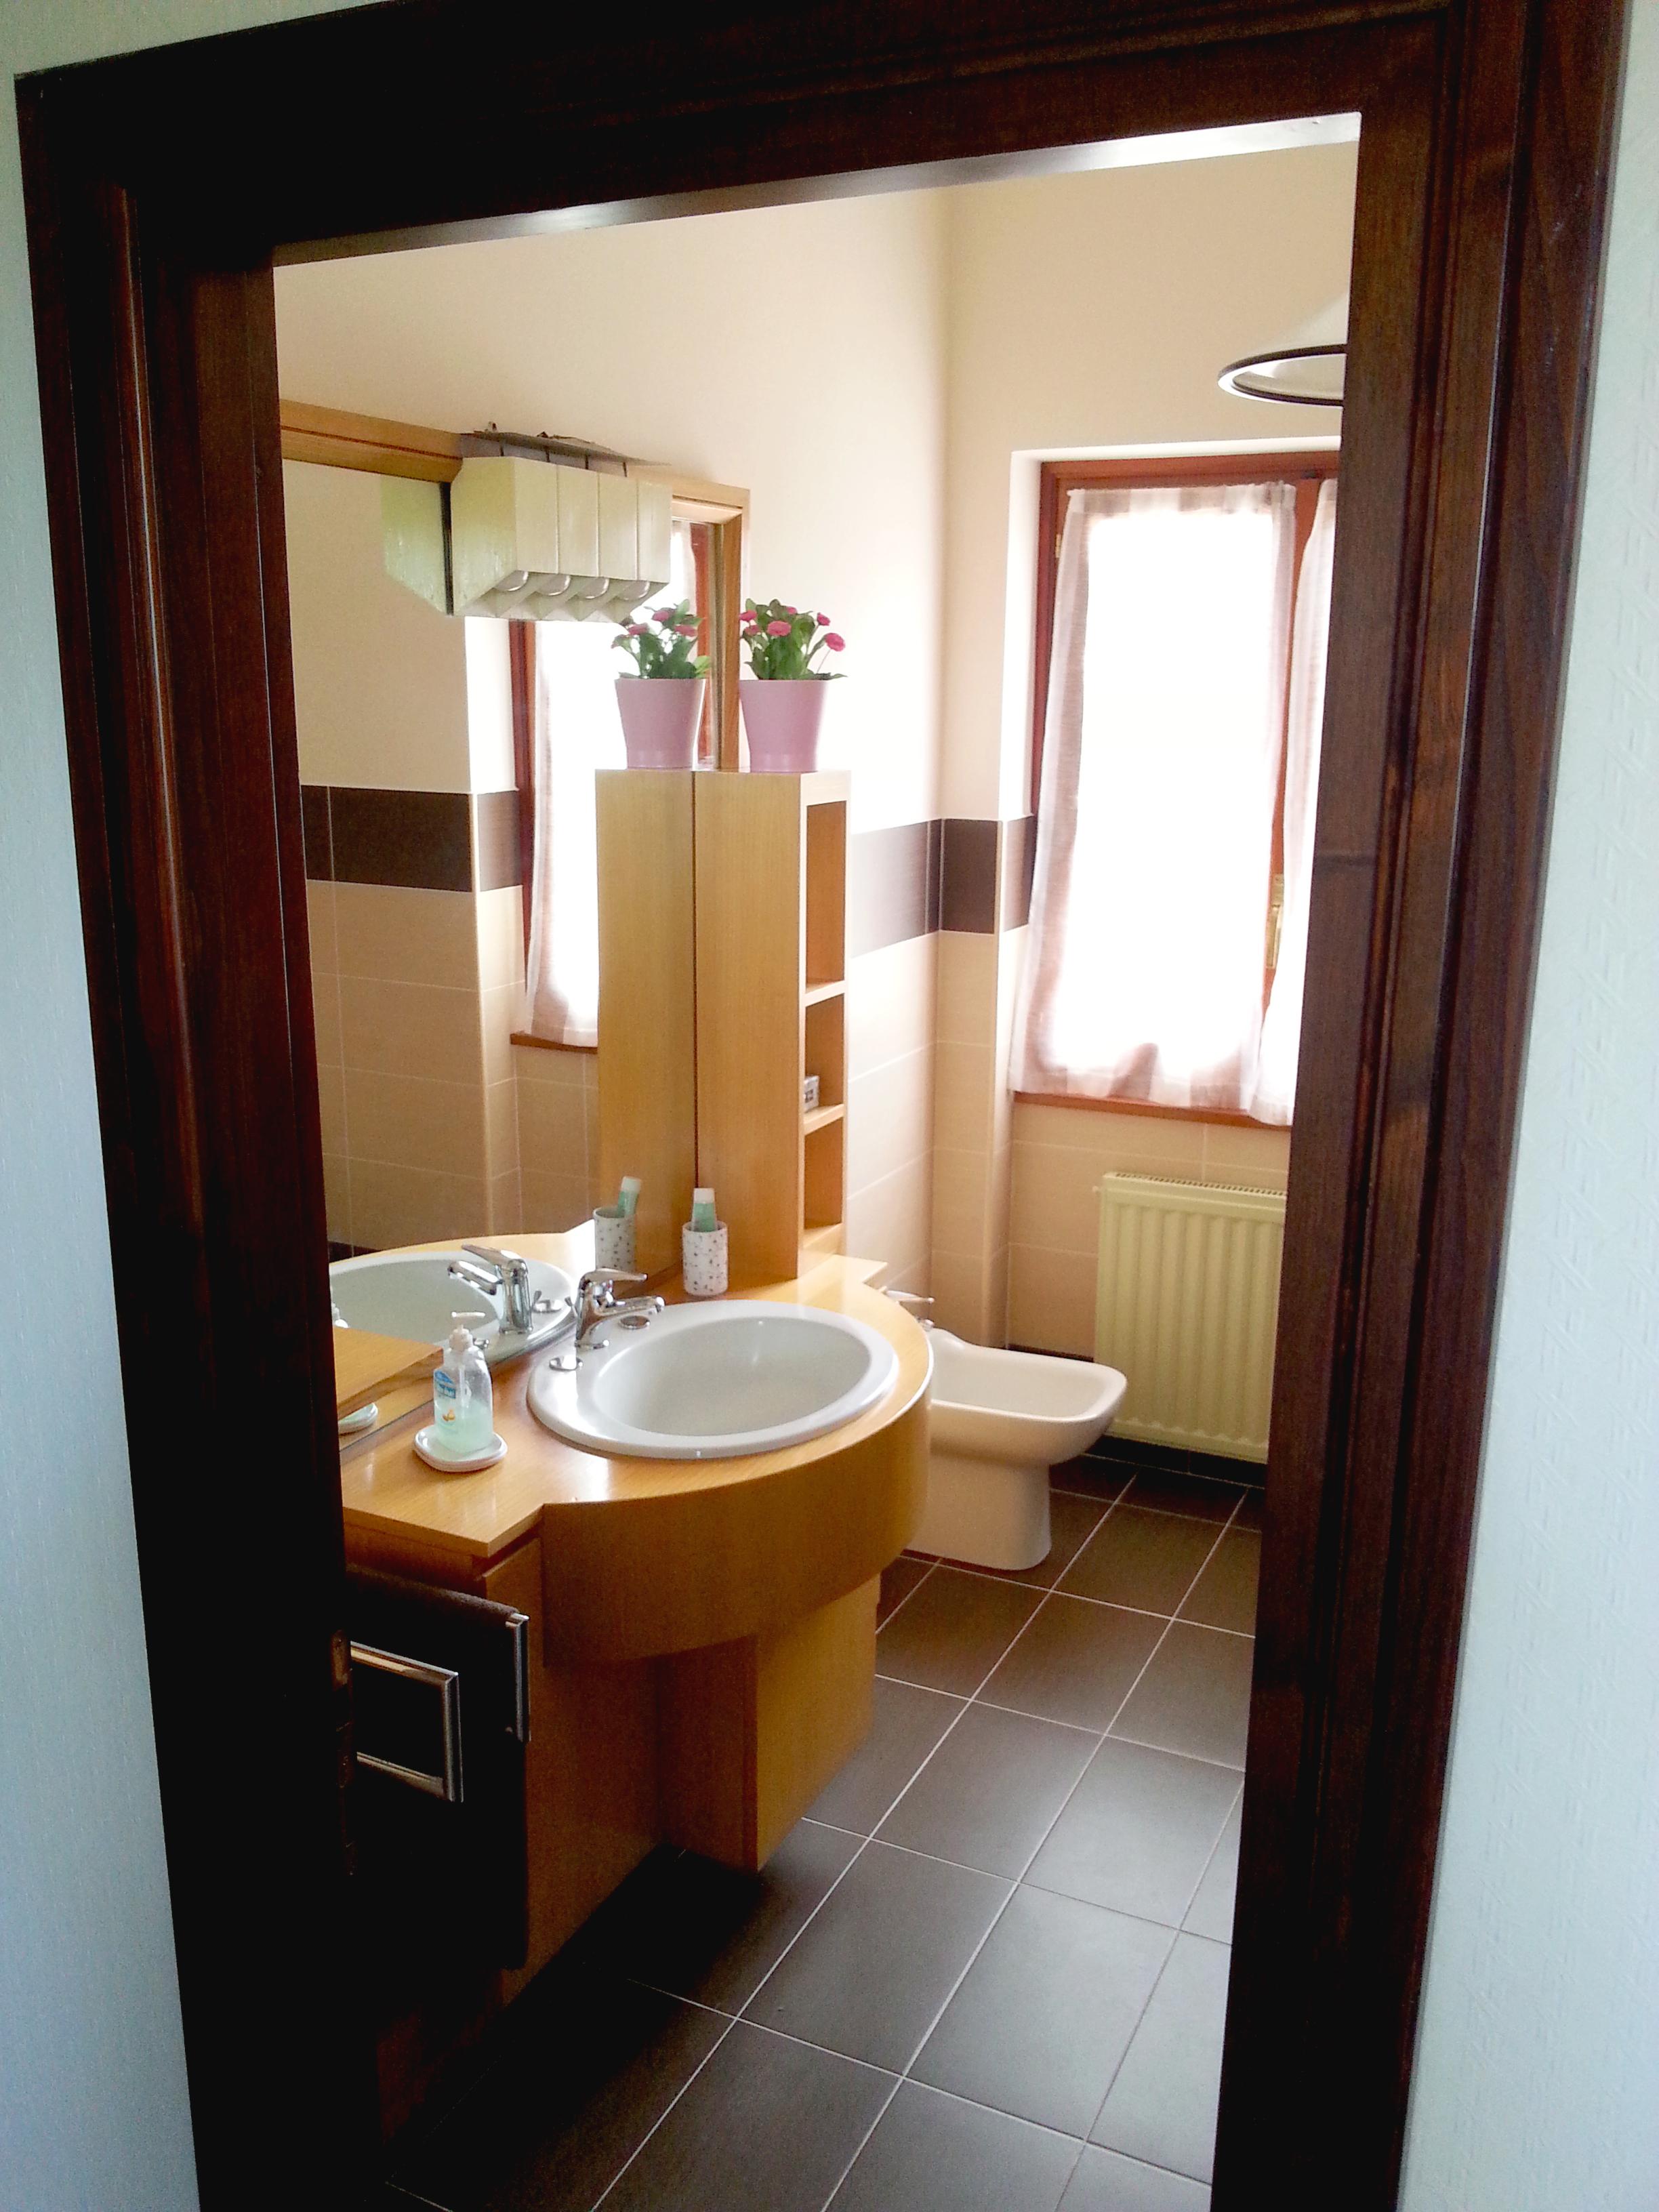 Bagno in comune x due camere